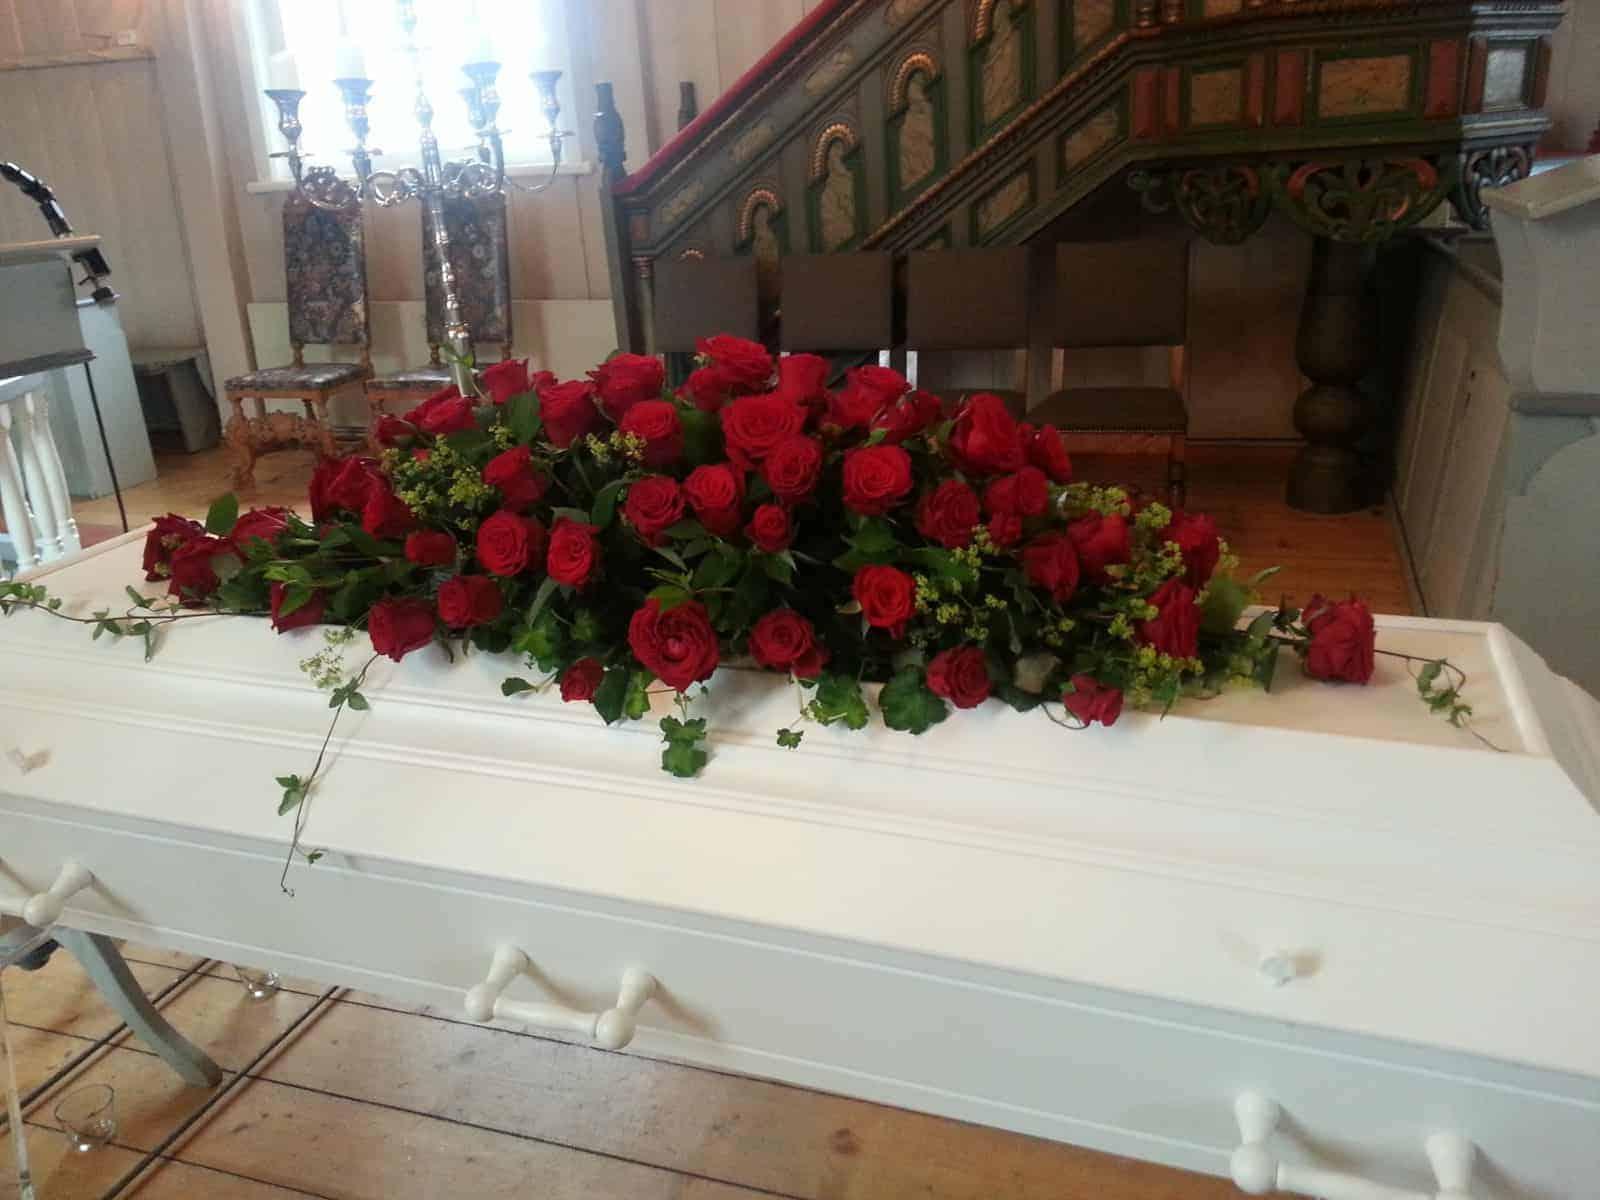 Kistedekorasjon blomster 17